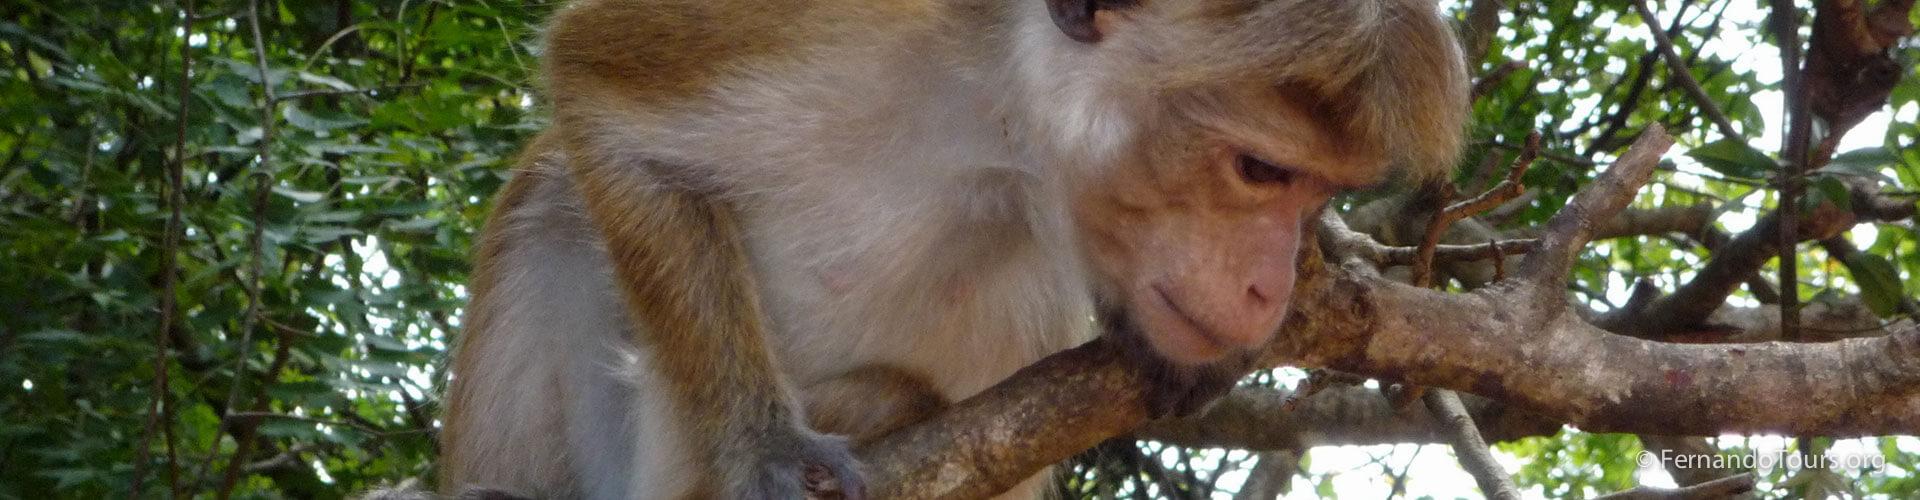 Sigiriya Sri Lanka Monkey